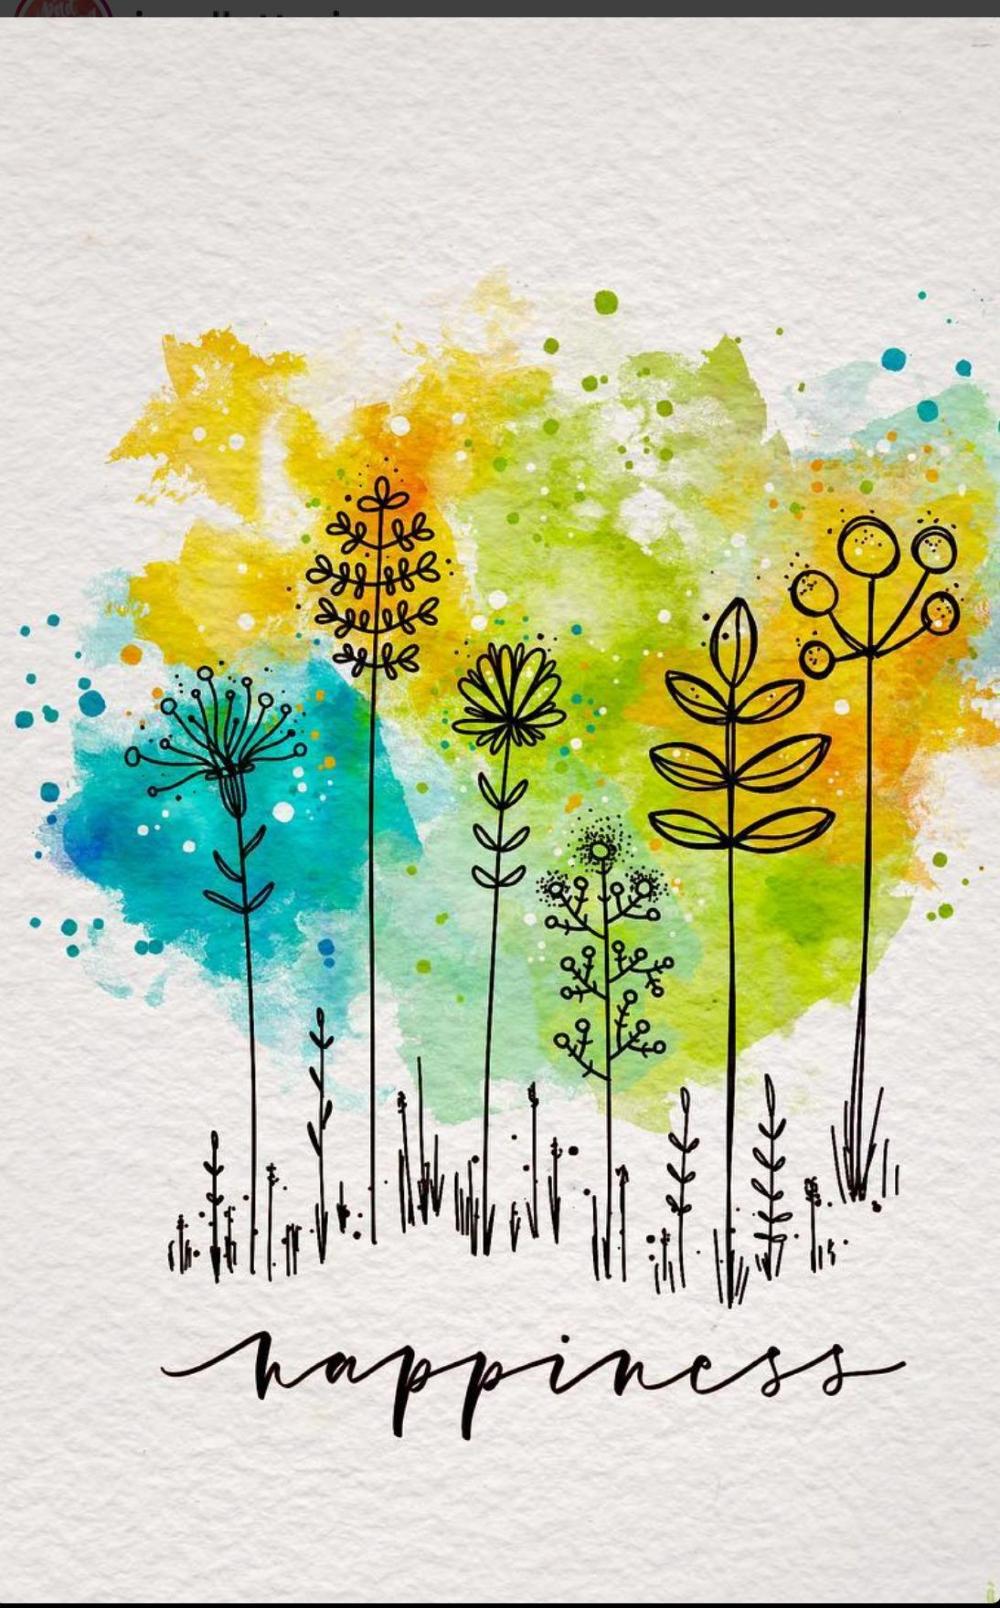 Aquarell Seiten Malbuch Potentialplayers Malvorlagen Fur Kinder Blumenzeichnung Wasserfarbenblumen Kritzeleien